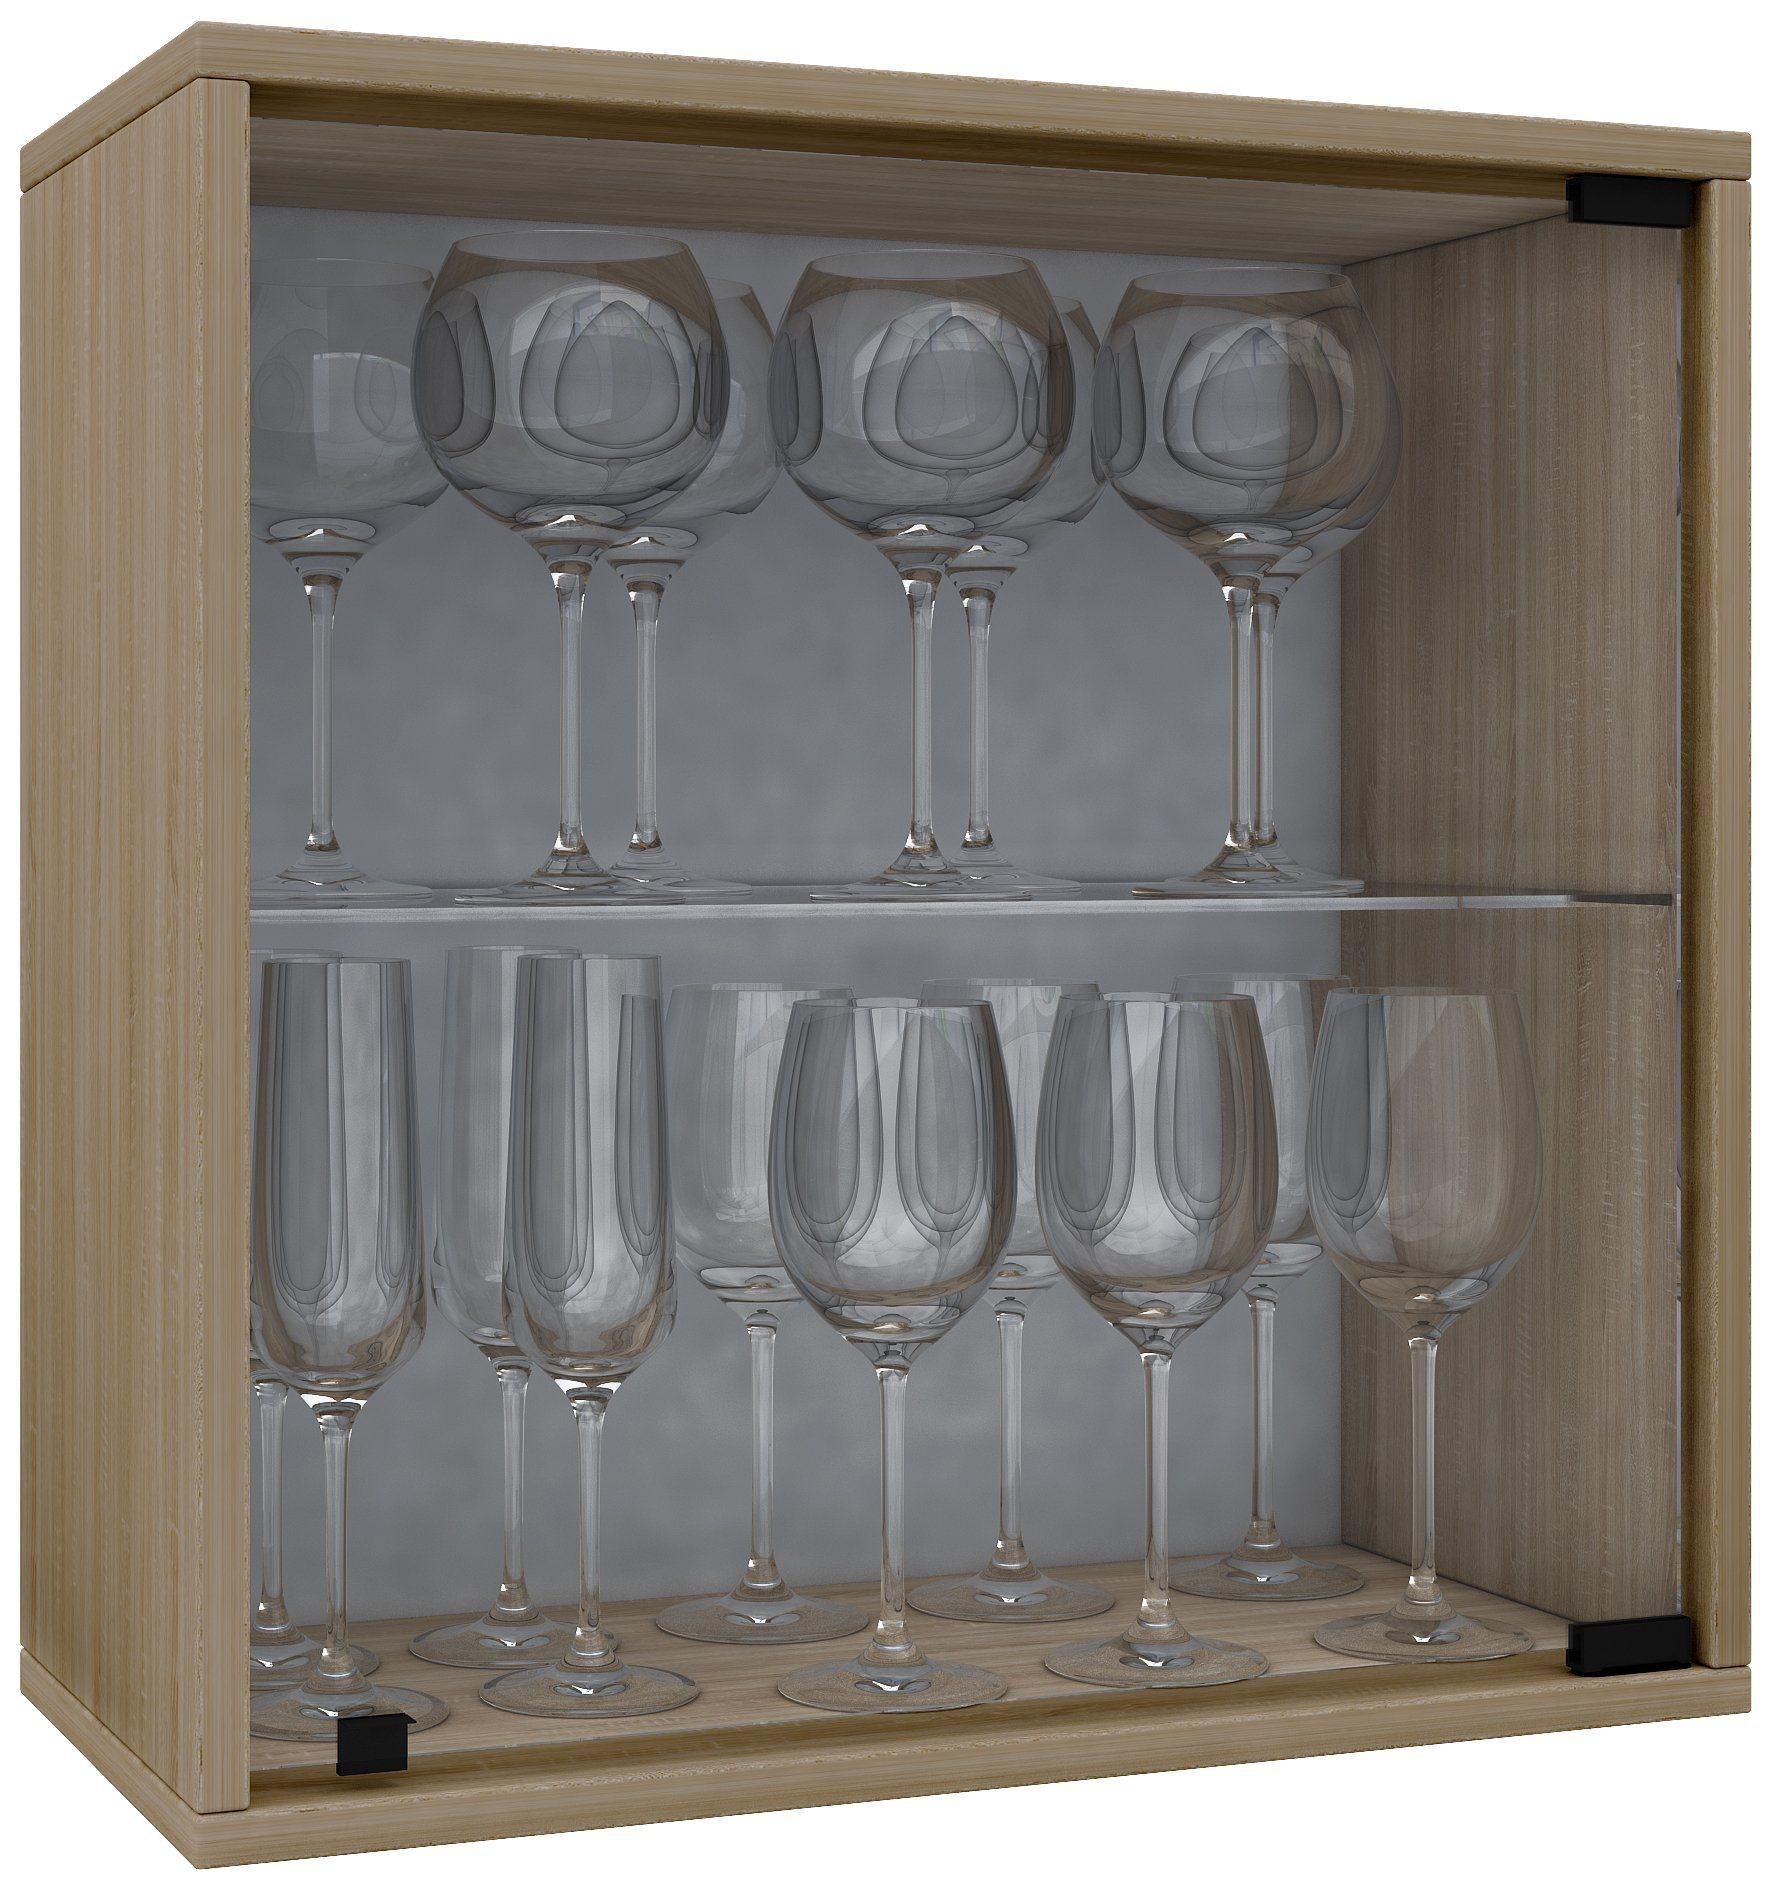 VCM Weinregal-Serie ´´Weino´´ | Küche und Esszimmer > Küchenregale > Weinregale | Nachbildung - Sicherheitsglas | VCM